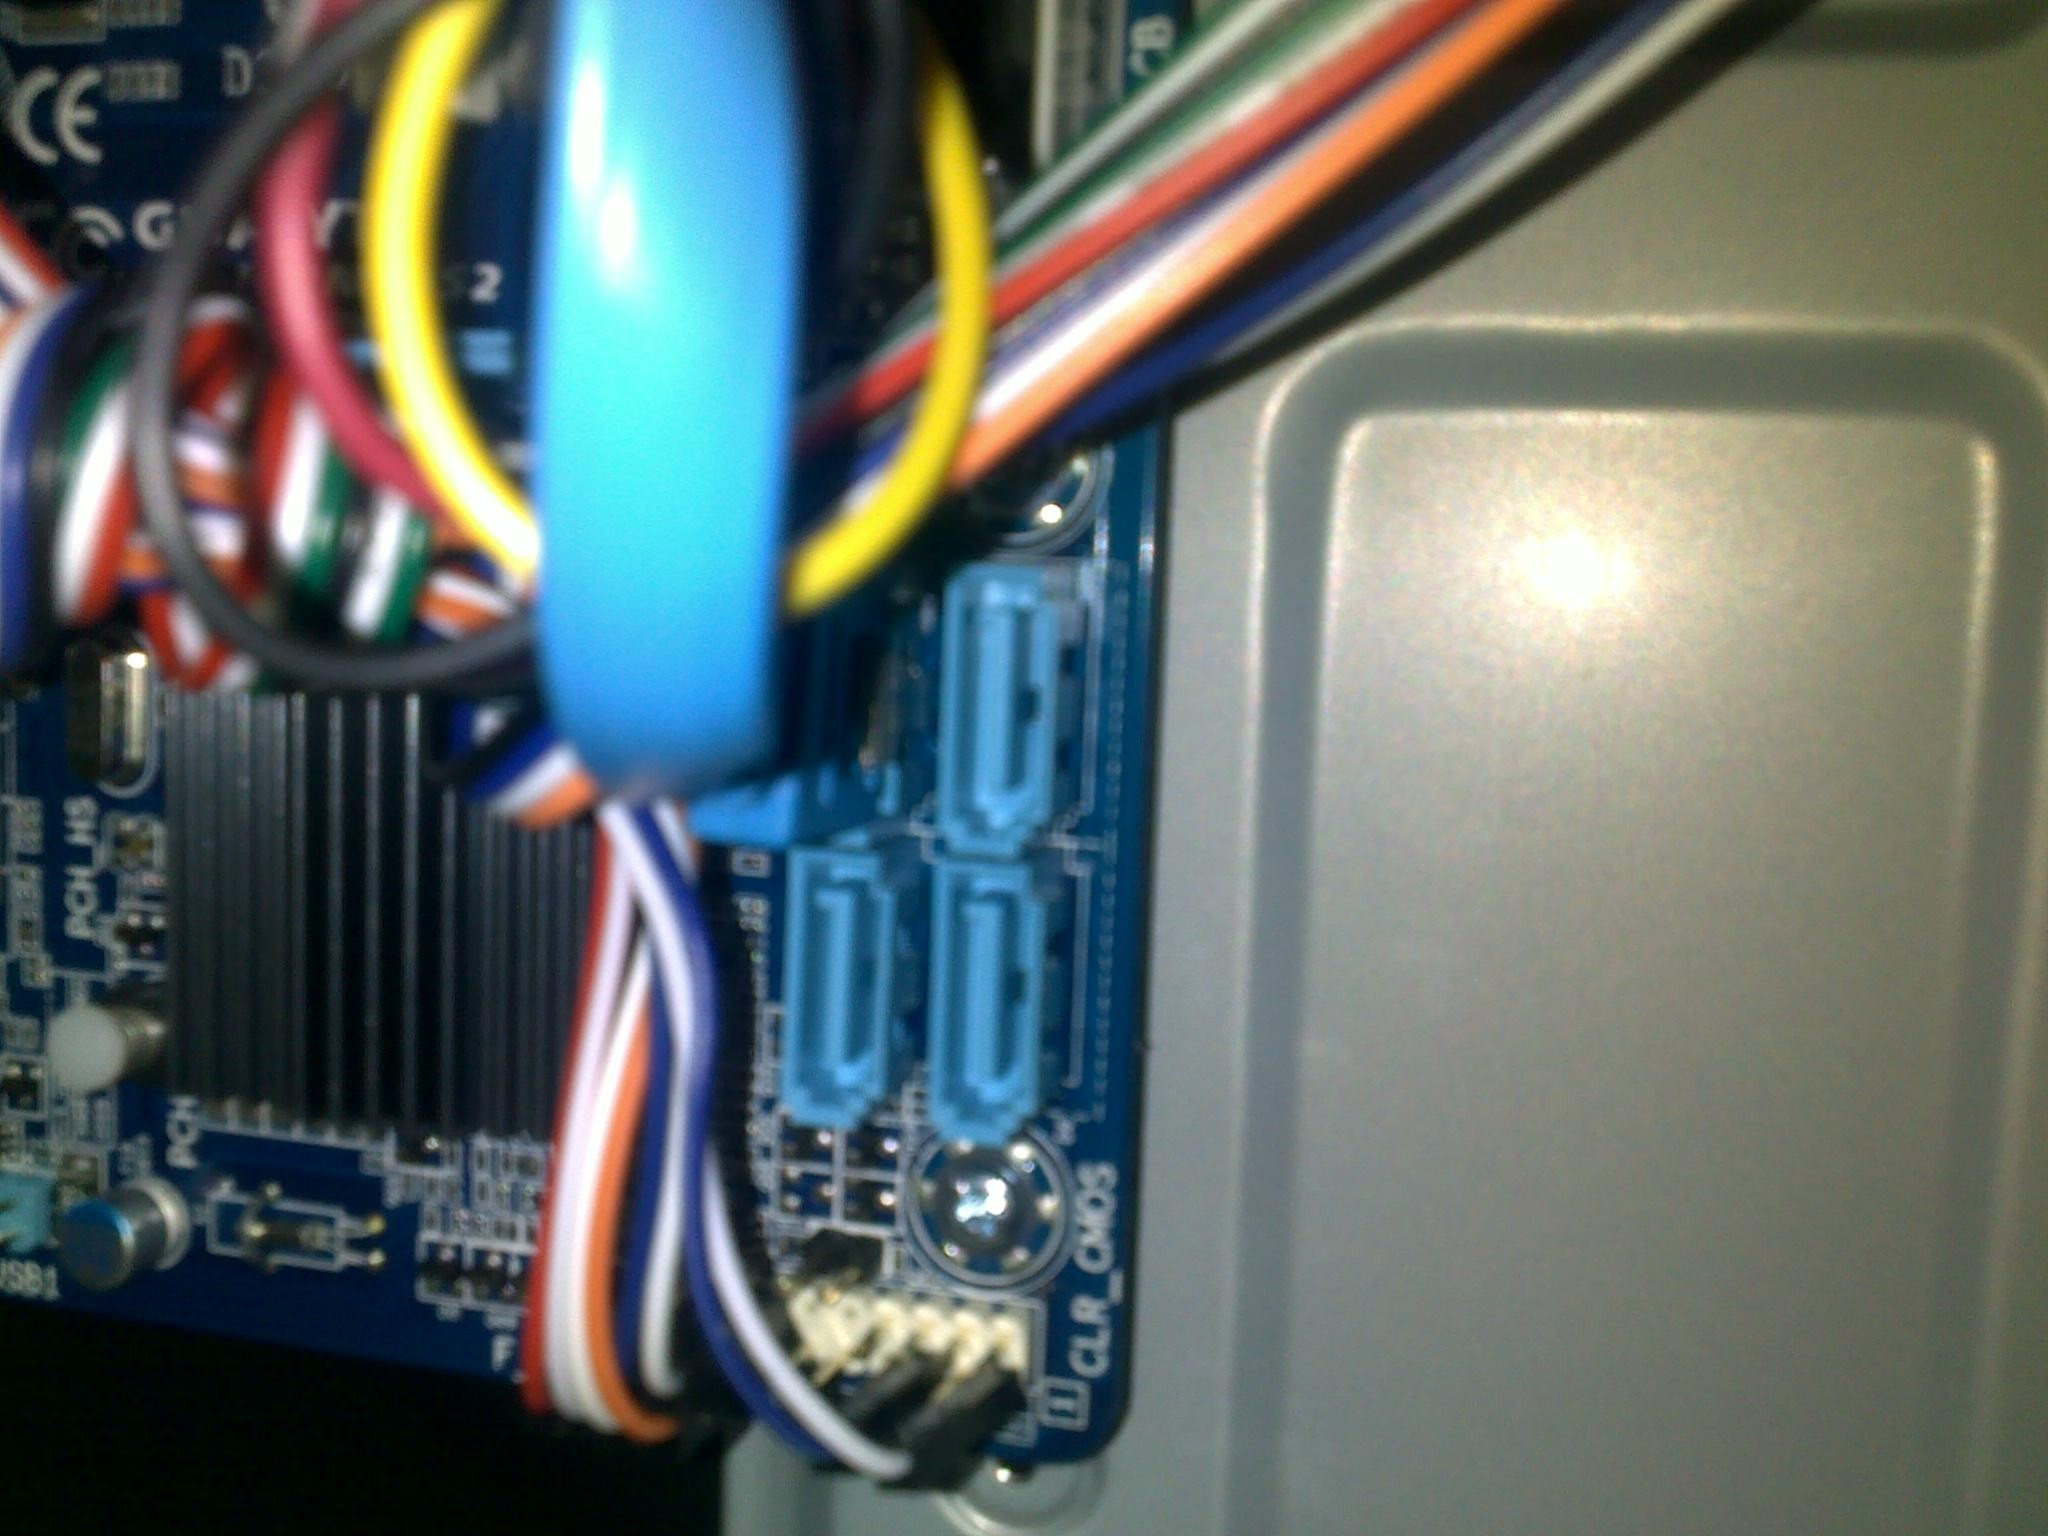 来个懂电脑硬件的.台式机硬盘怎样接线?图片